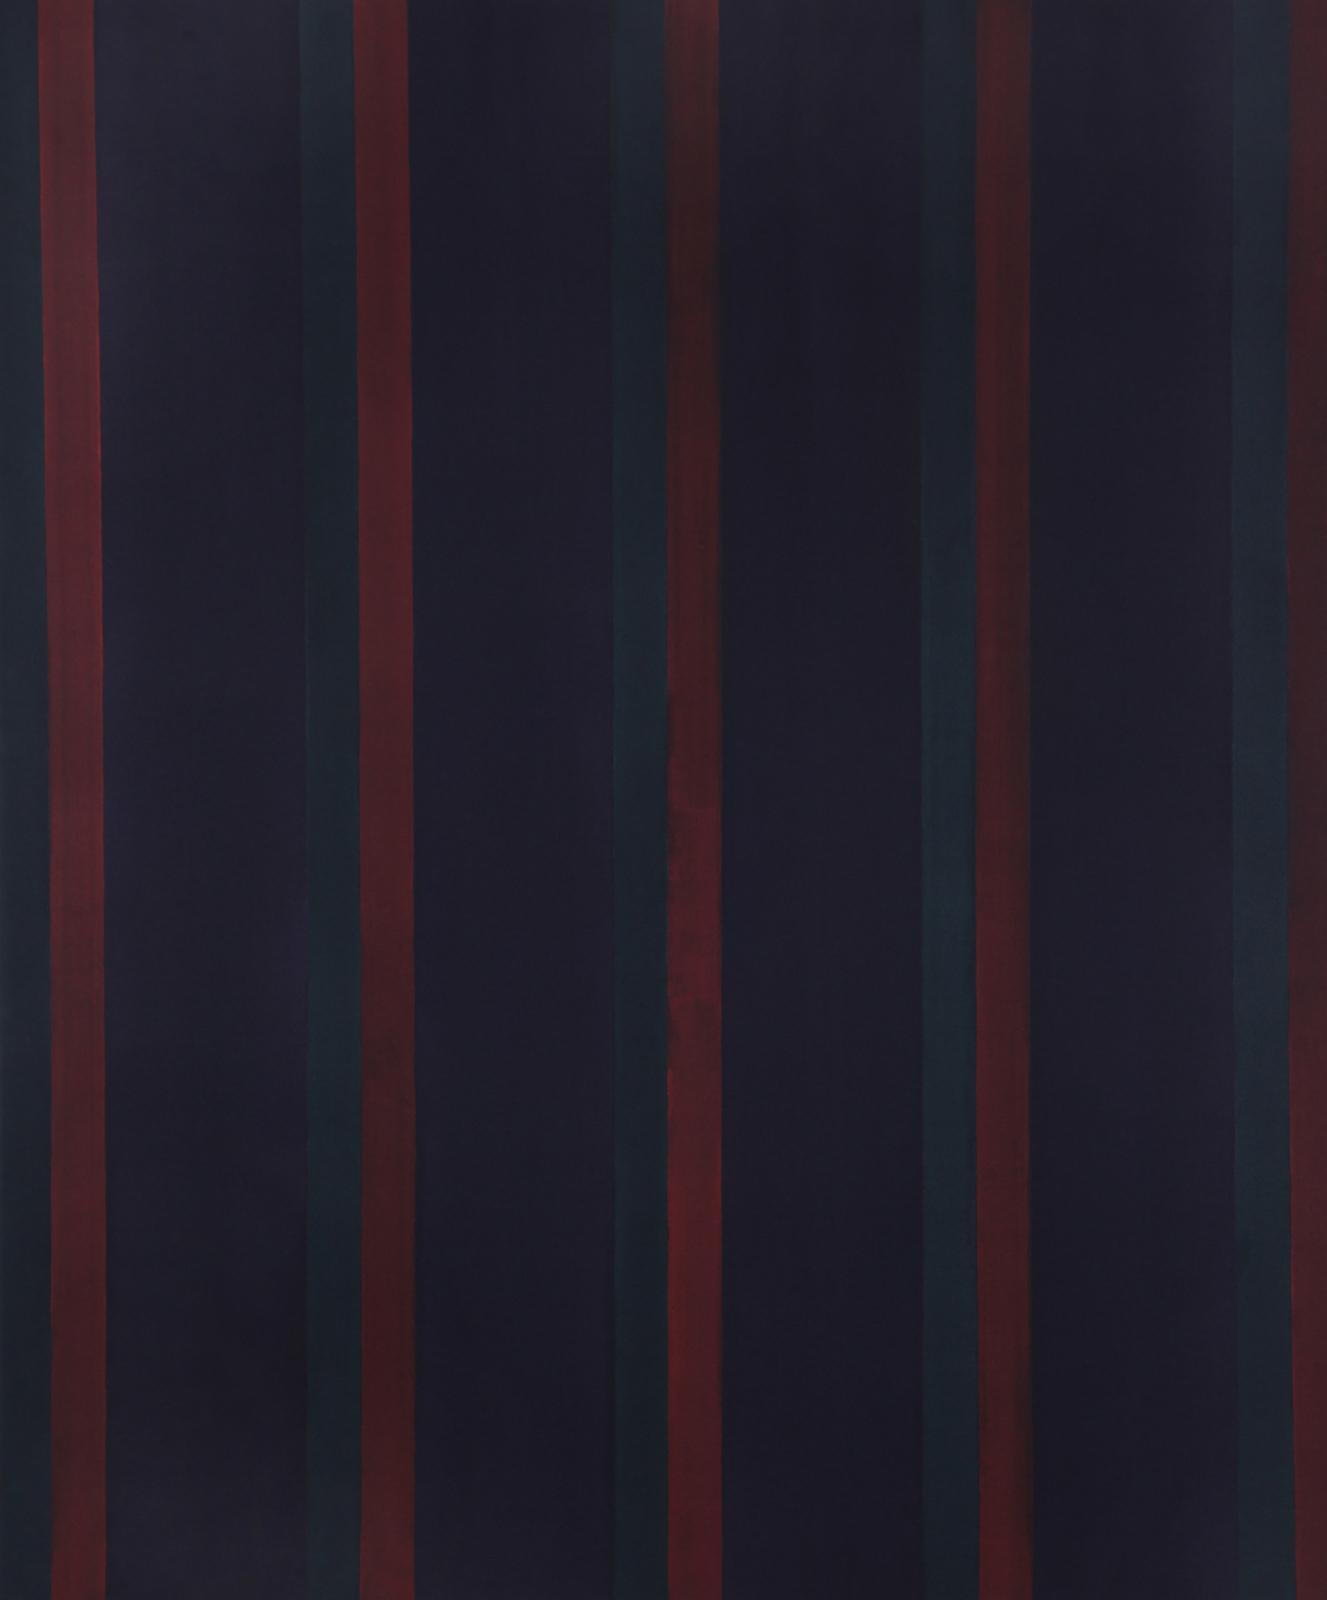 The Dilemma (2012), acrylic on canvas, 60